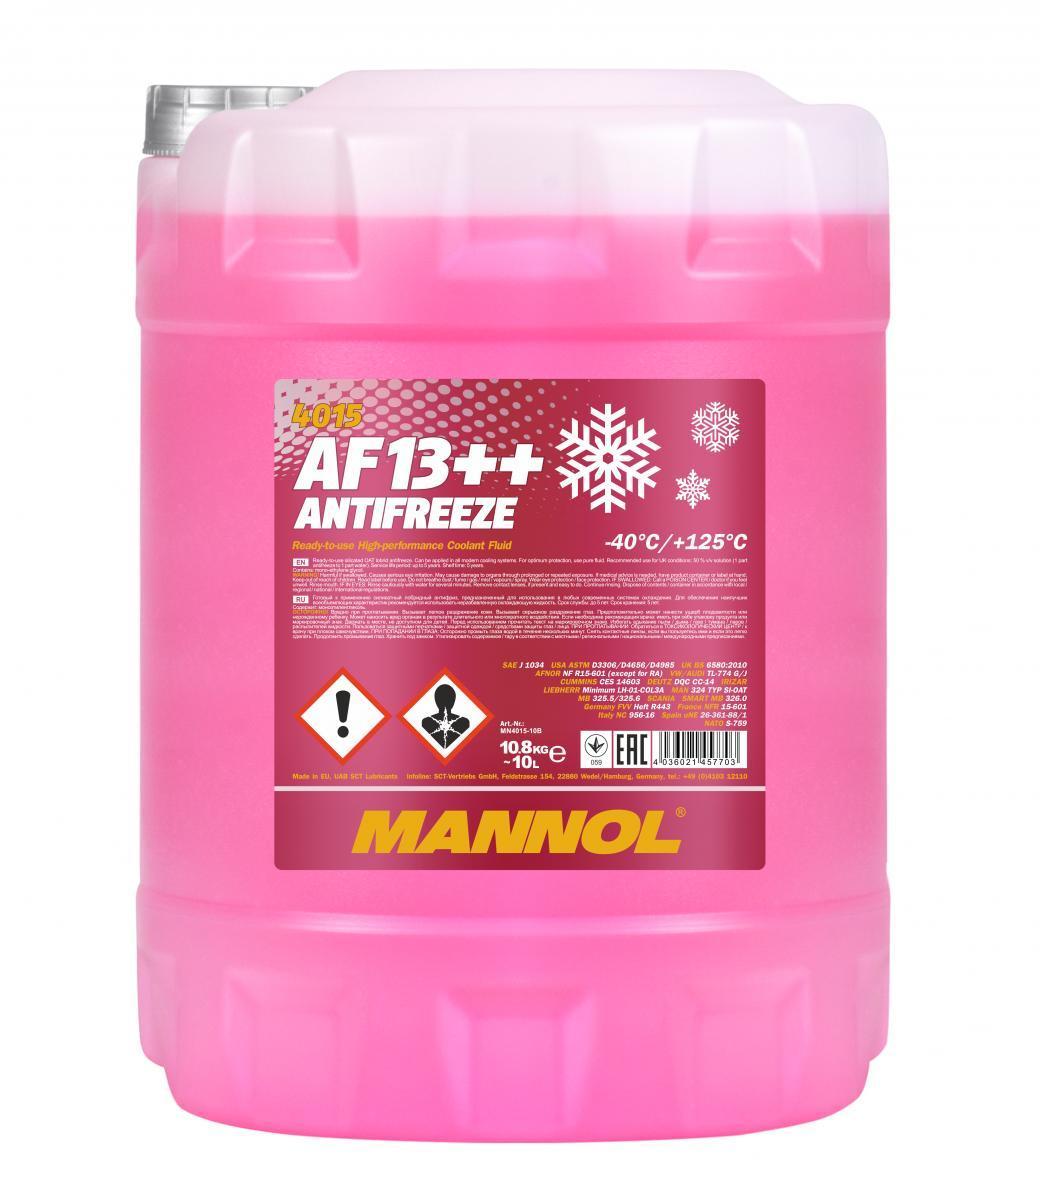 Köp MANNOL MN4015-10 - Etylenglykol: G12 röd, 10l G12, Temperaturområde från: +125, -40°C